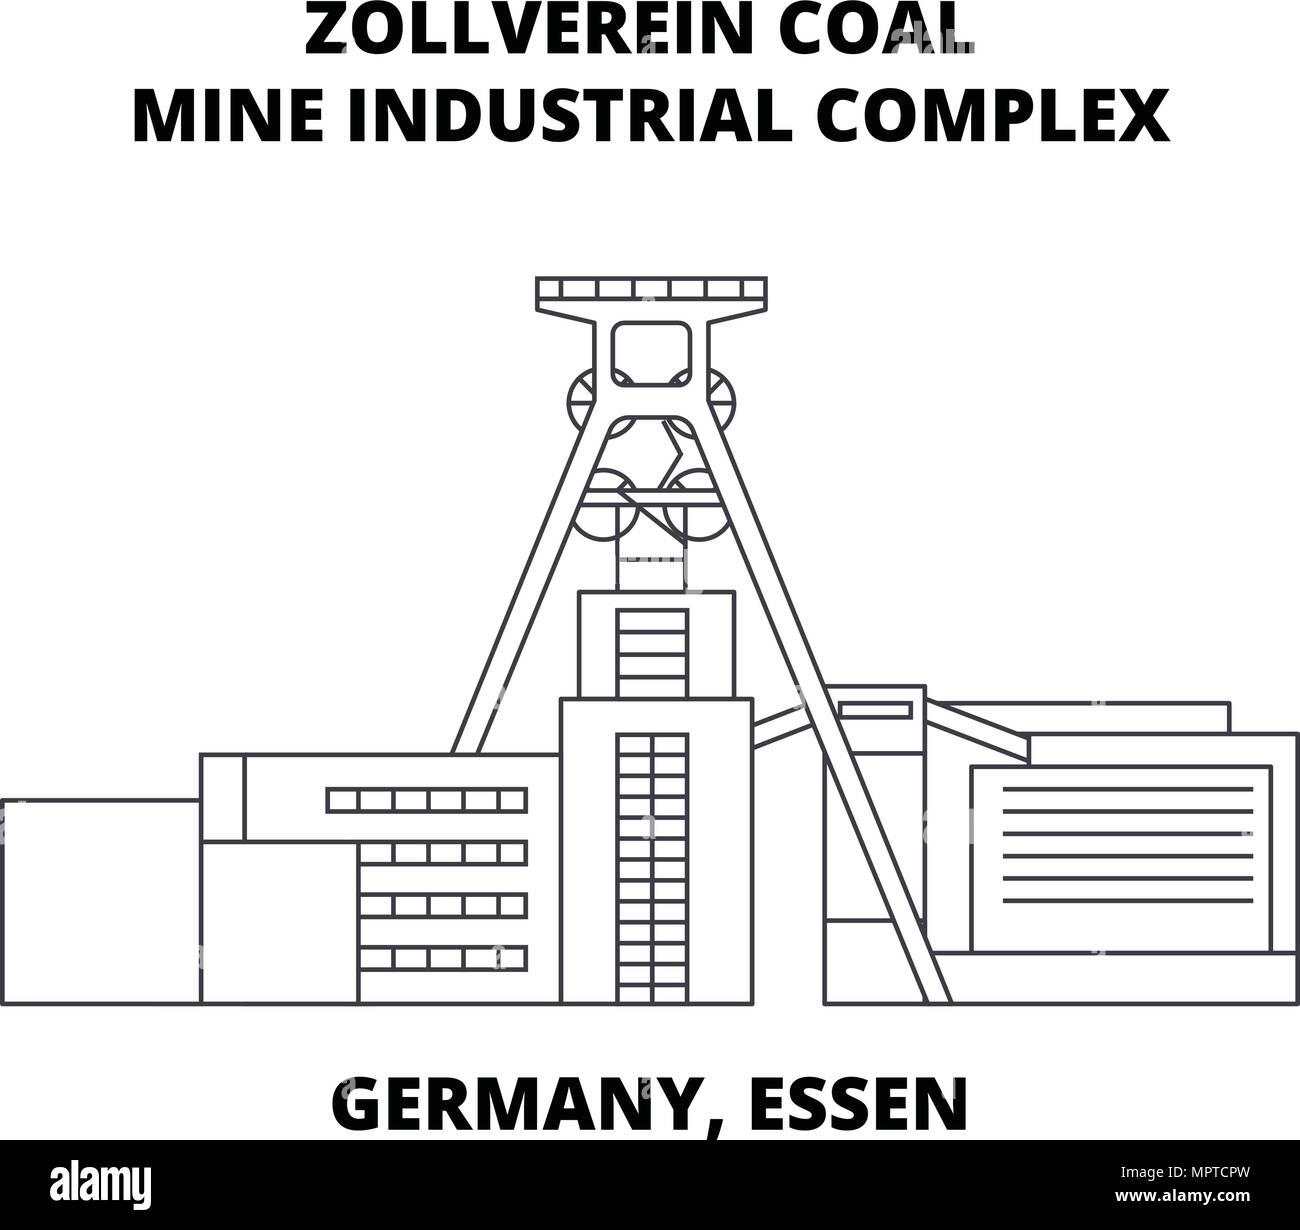 Germany, Essen, Zollverein Coal Mine Industrial Complex line icon concept. Germany, Essen, Zollverein Coal Mine Industrial Complex linear vector sign, symbol, illustration. - Stock Vector